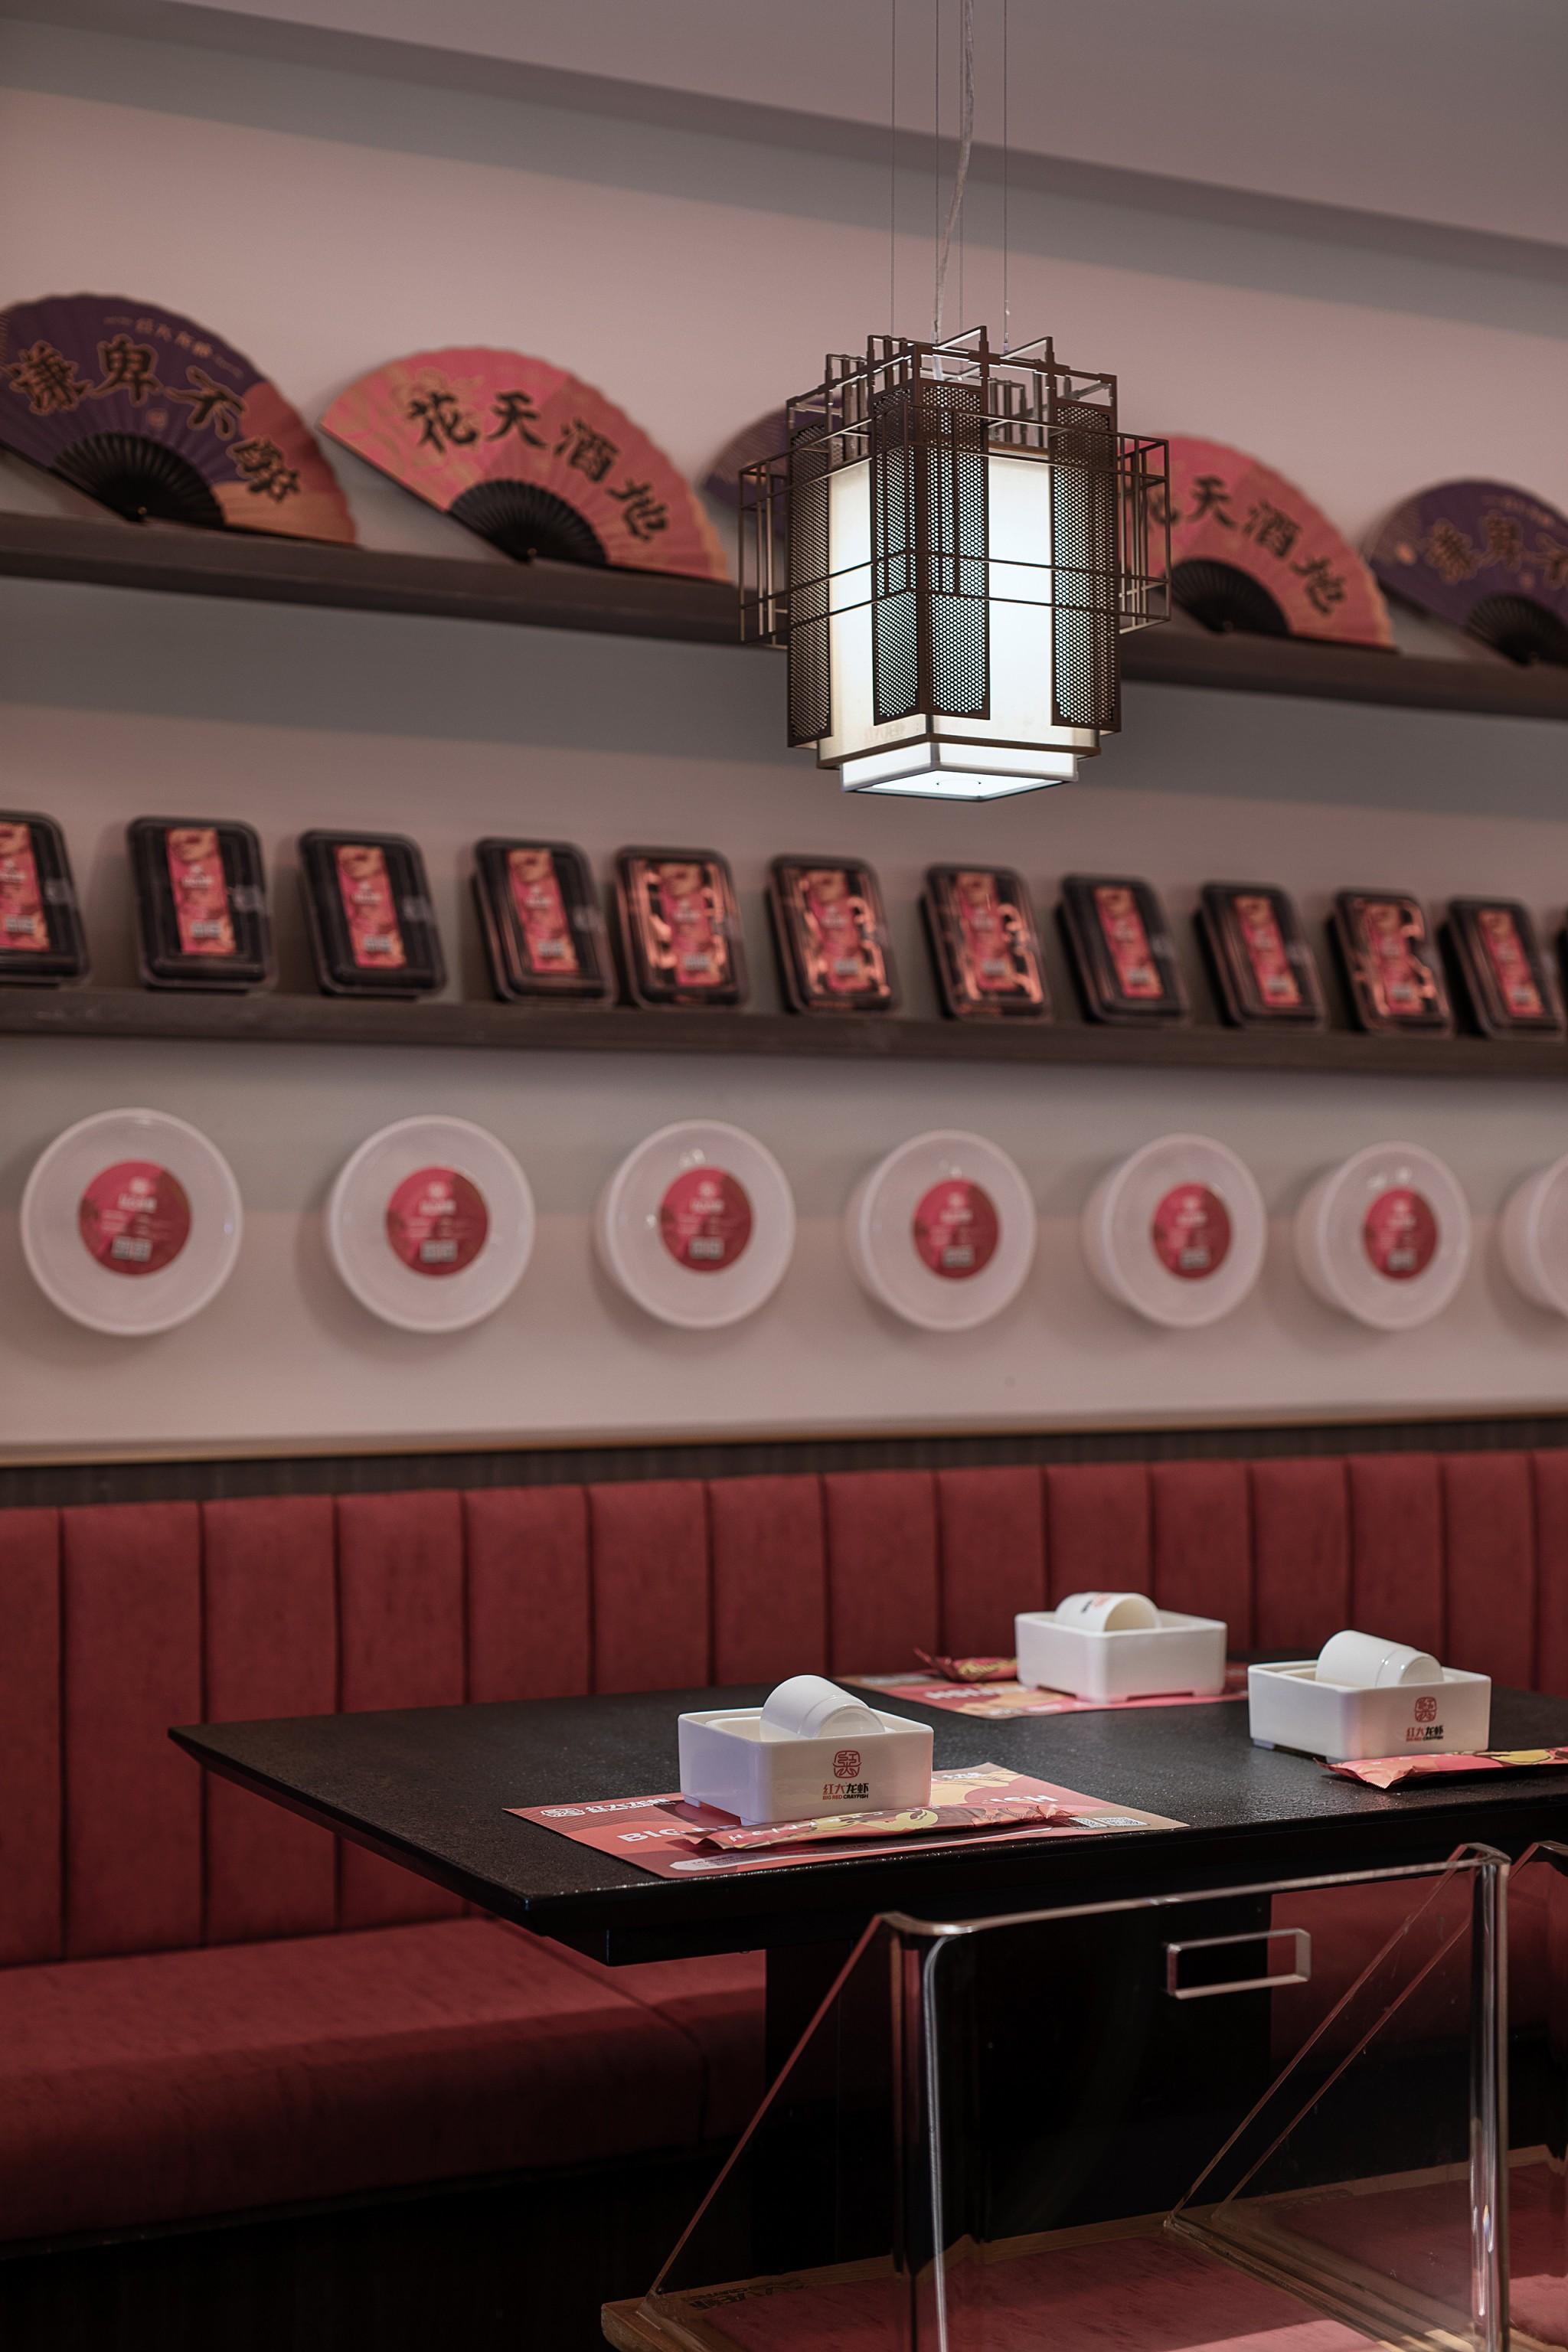 餐饮品牌商业空间设计-红大龙虾62388efa01cb2736997a2443f83ab424